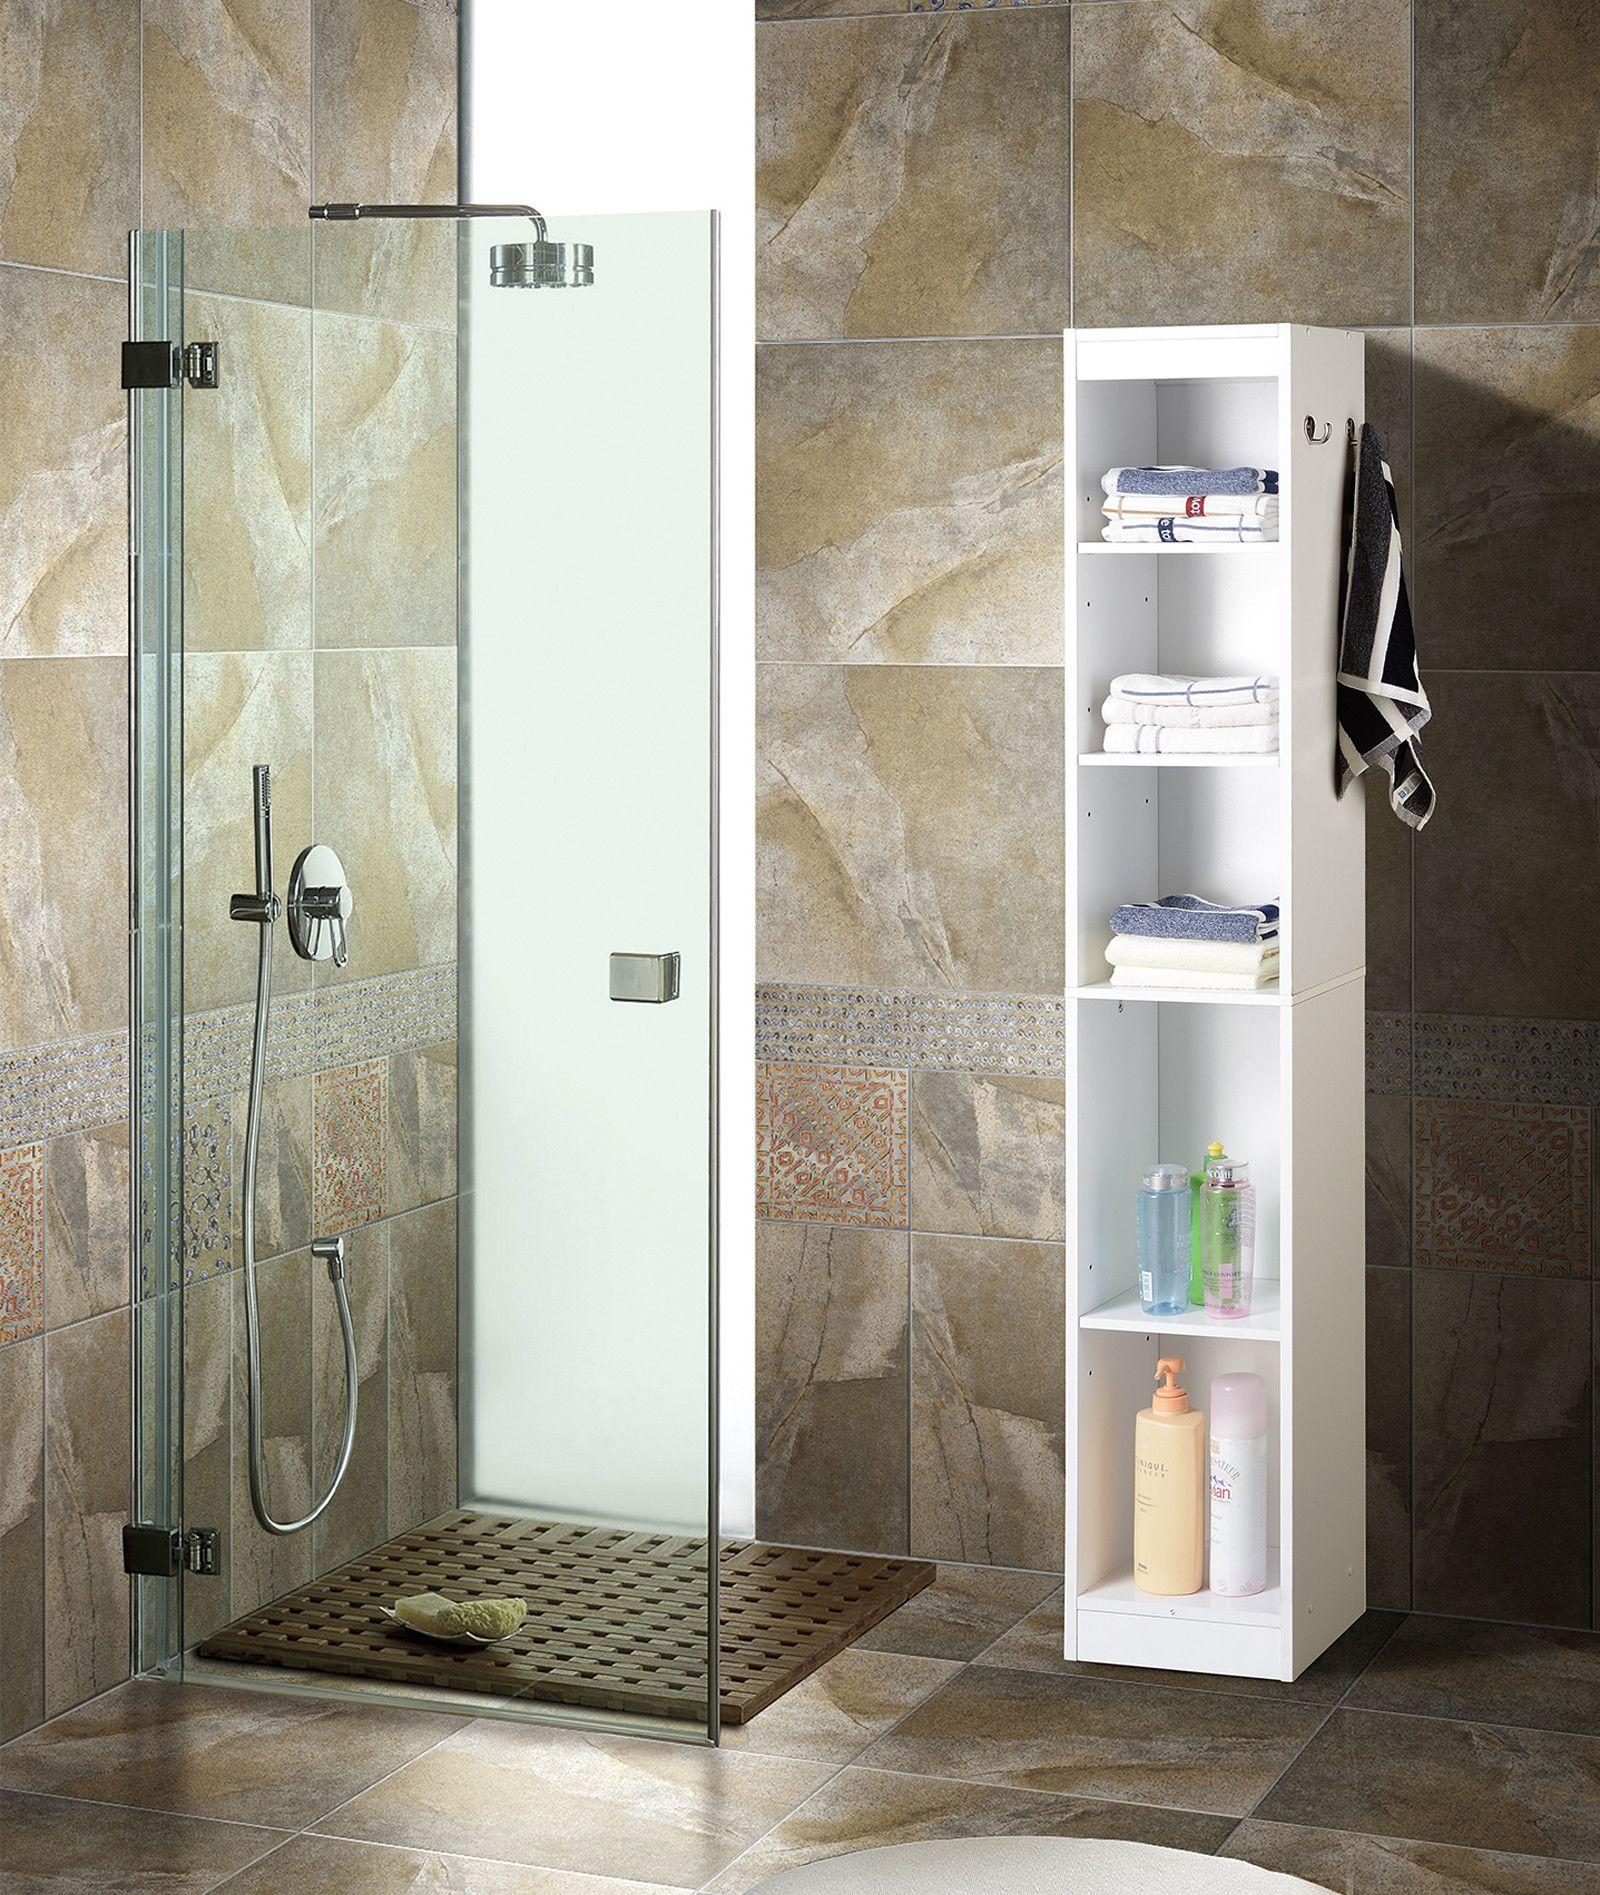 Bathroom Linen Tower Cabinet - http://harvesthustle.org/bathroom ...